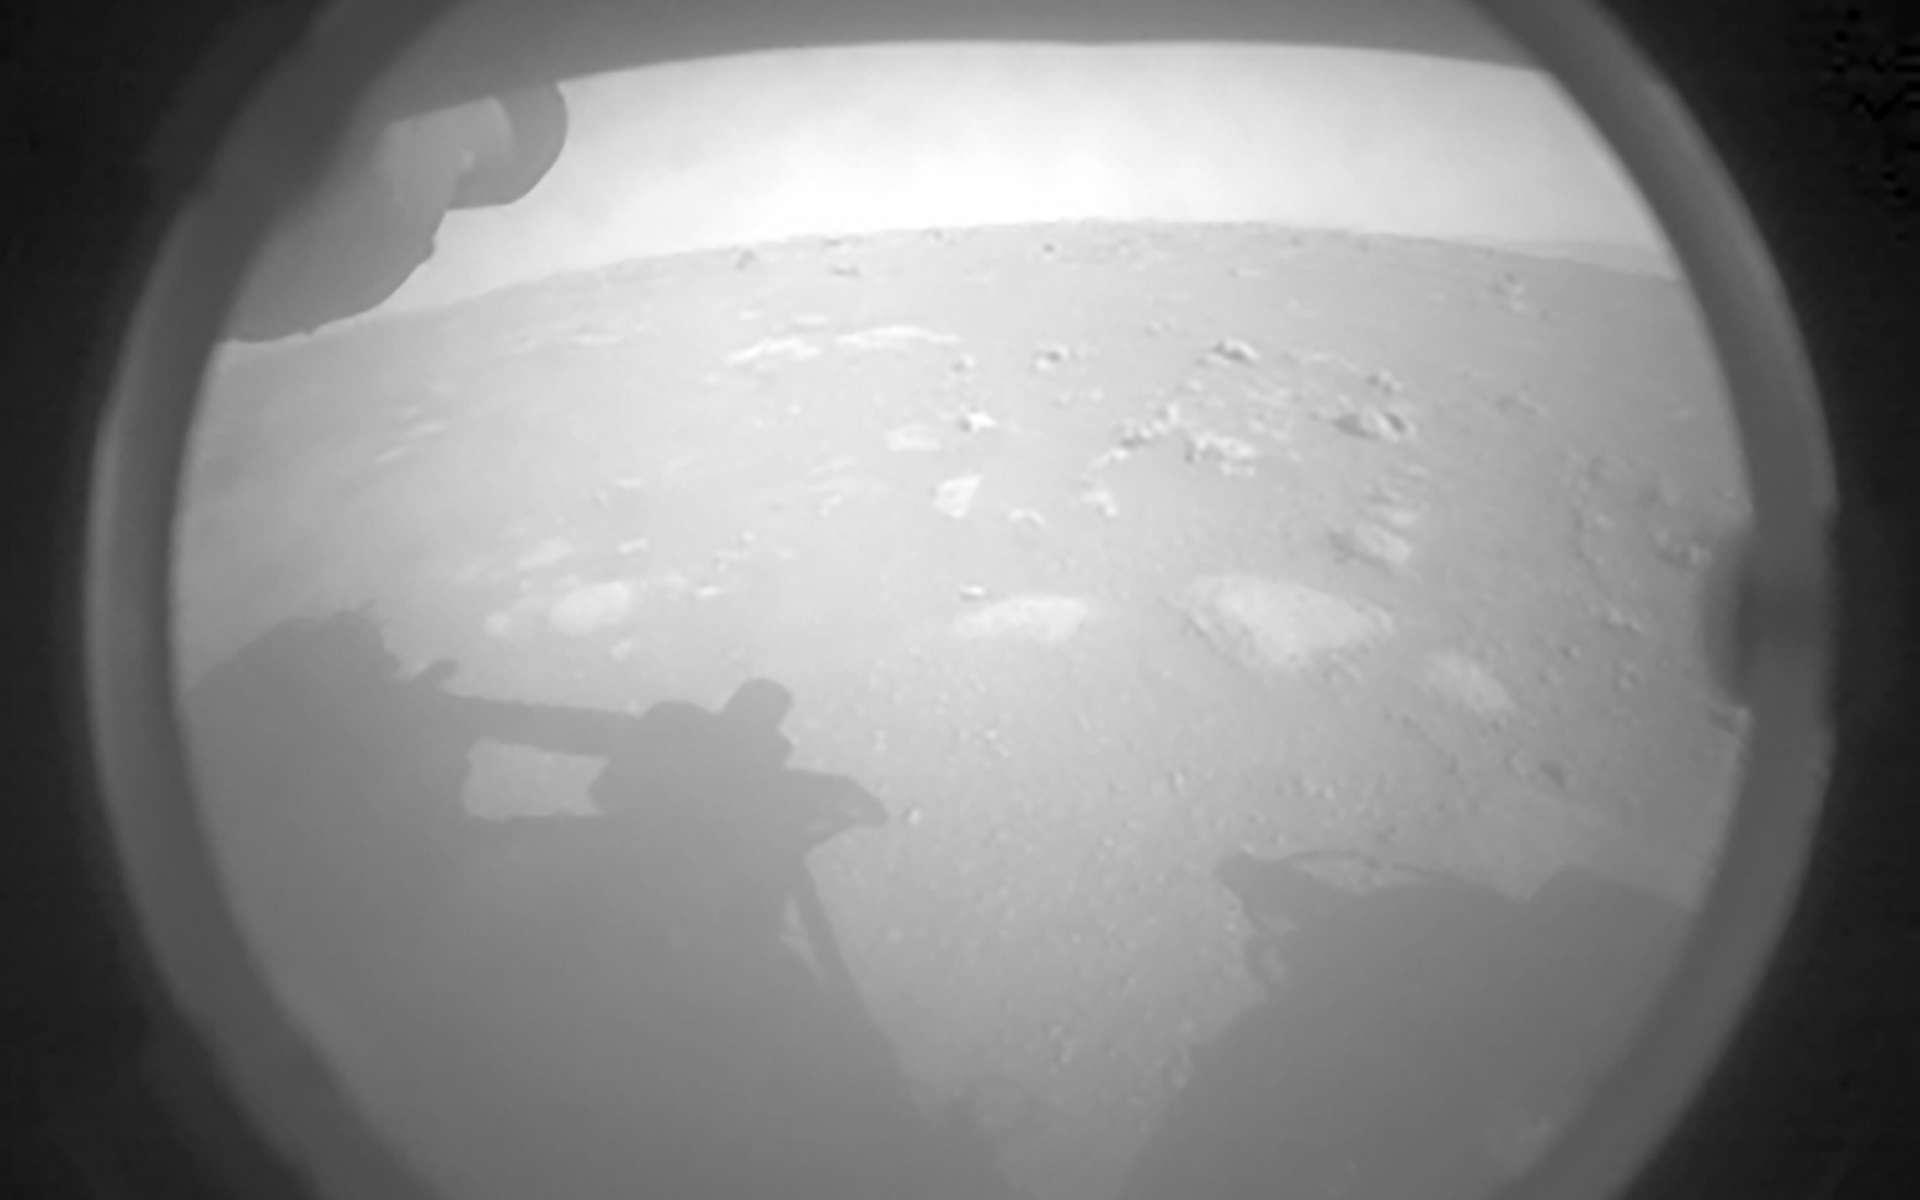 Mars vue de Perseverancee ressemble à un Rothko